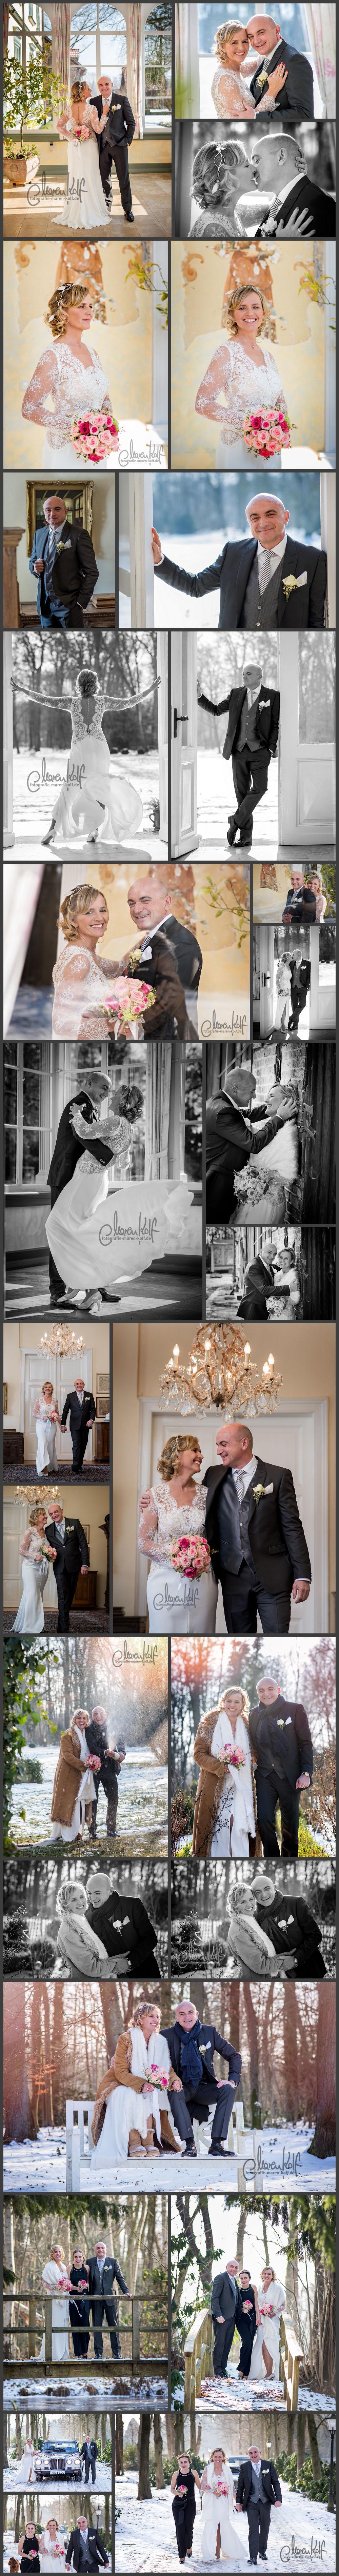 hochzeitsportraits-im-Winter-reife-liebe-persönlichkeiten-ab-50-Hochzeitsbilder-maren-kolf-fotografie-blog